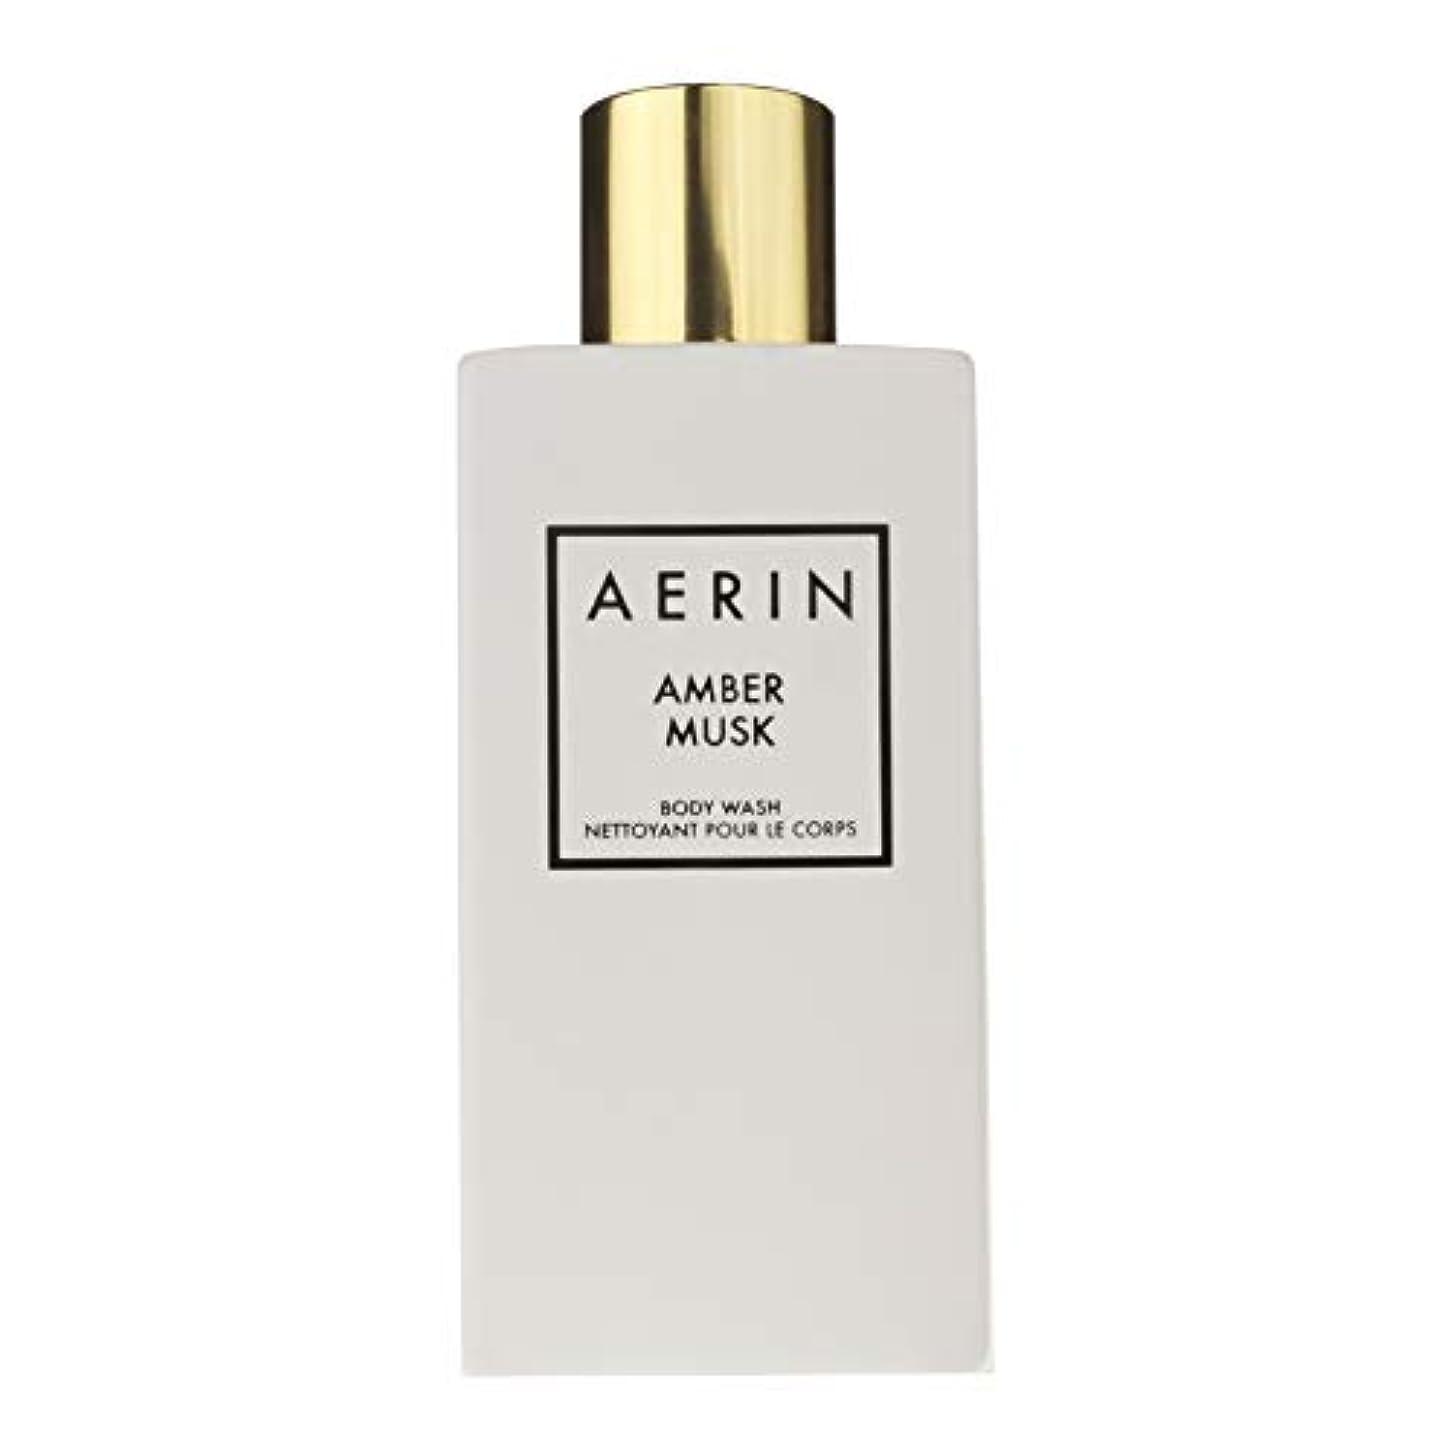 間違い好き解くAERIN 'Amber Musk' (アエリン アンバームスク) 7.6 oz (228ml) Body Wash ボディーウオッシュ by Estee Lauder